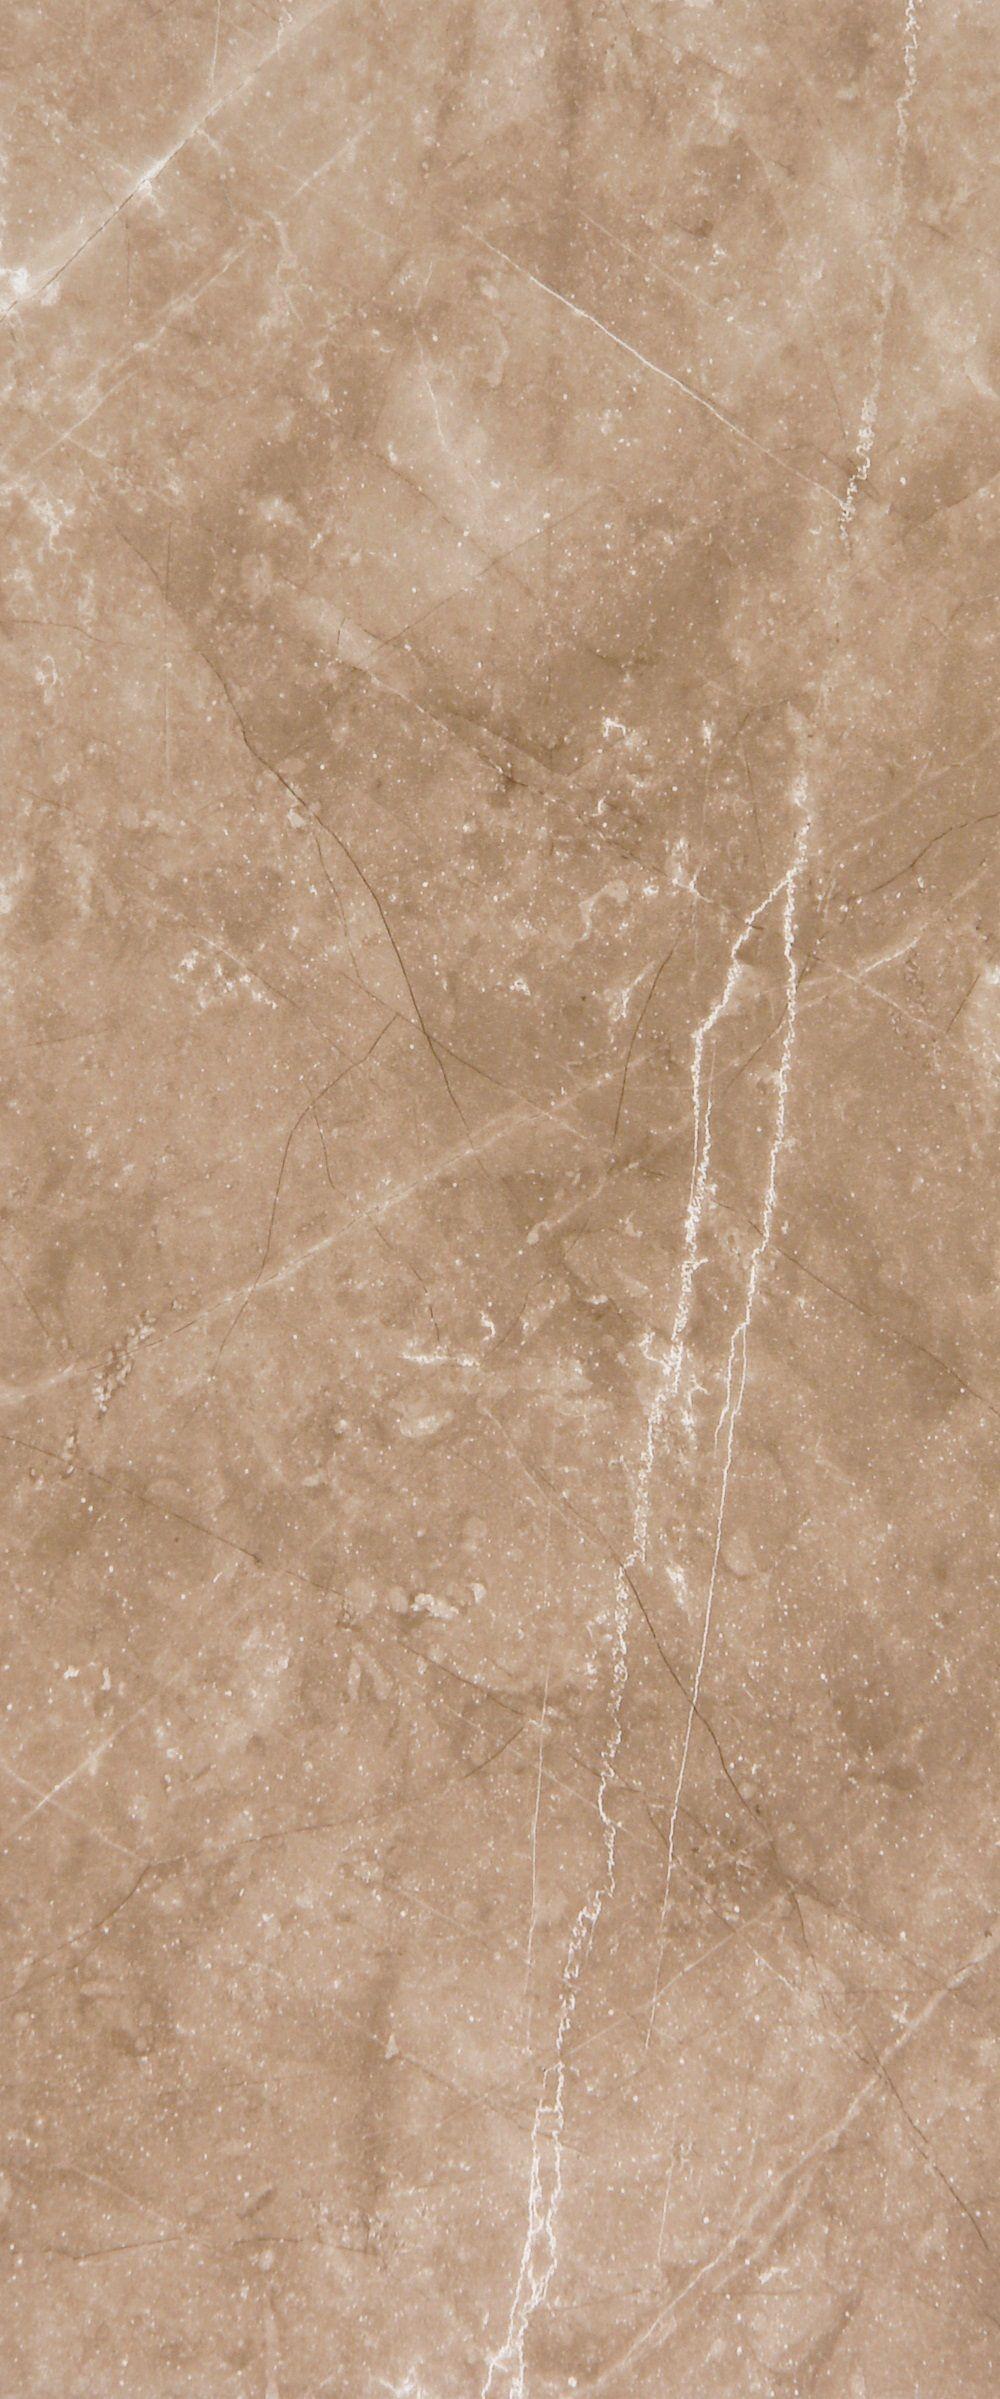 Керамическая плитка настенная Шахтинская Dreamstone 02 коричневый 600*250 (шт.) от Ravta